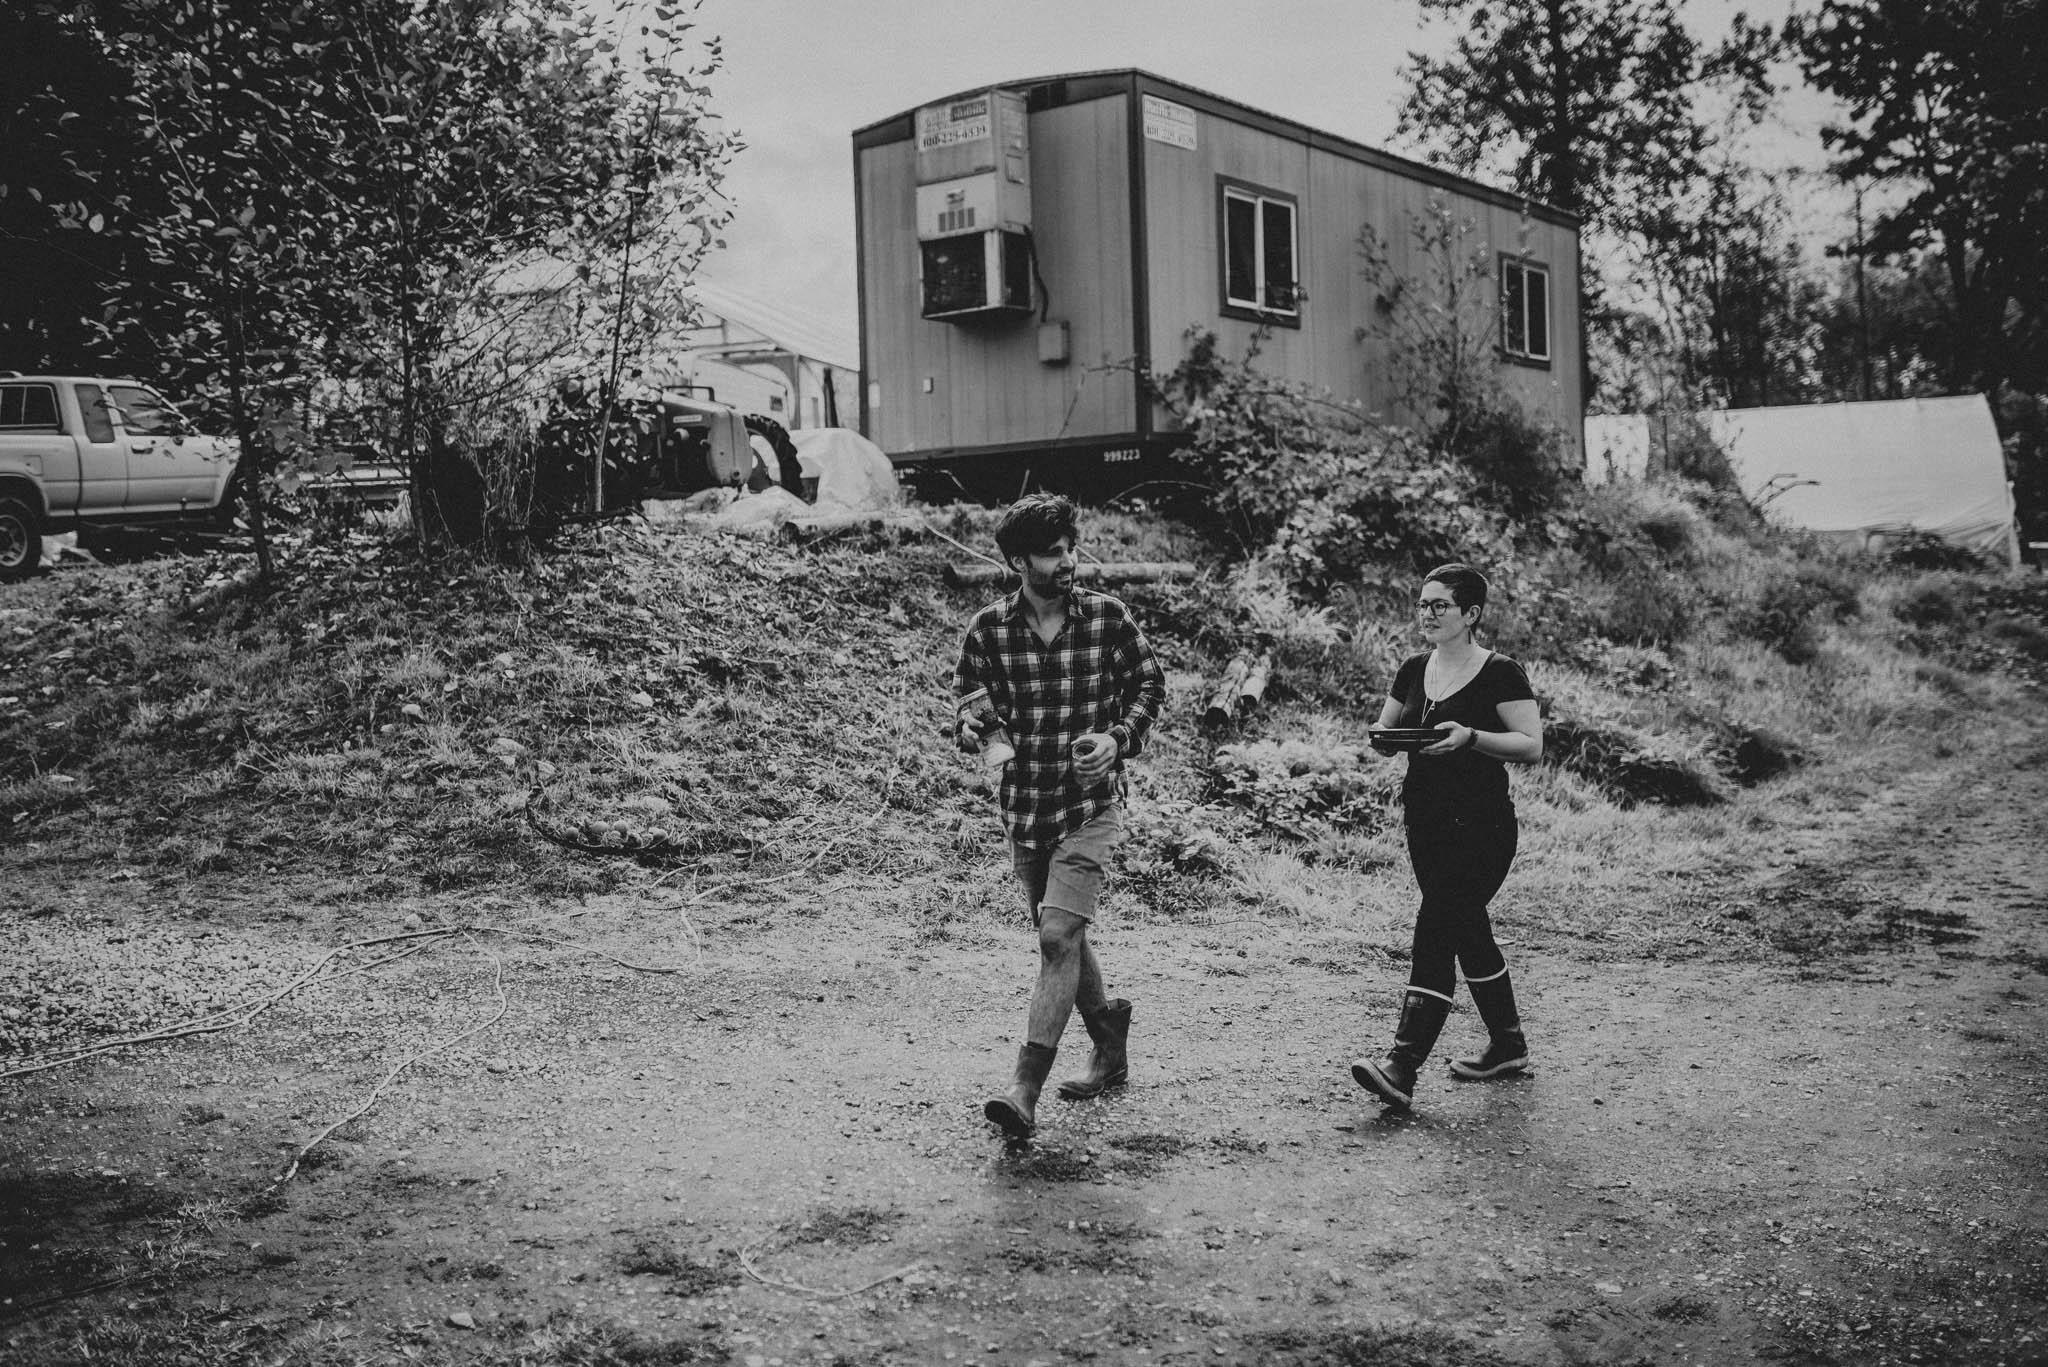 People walking on farm in western washington